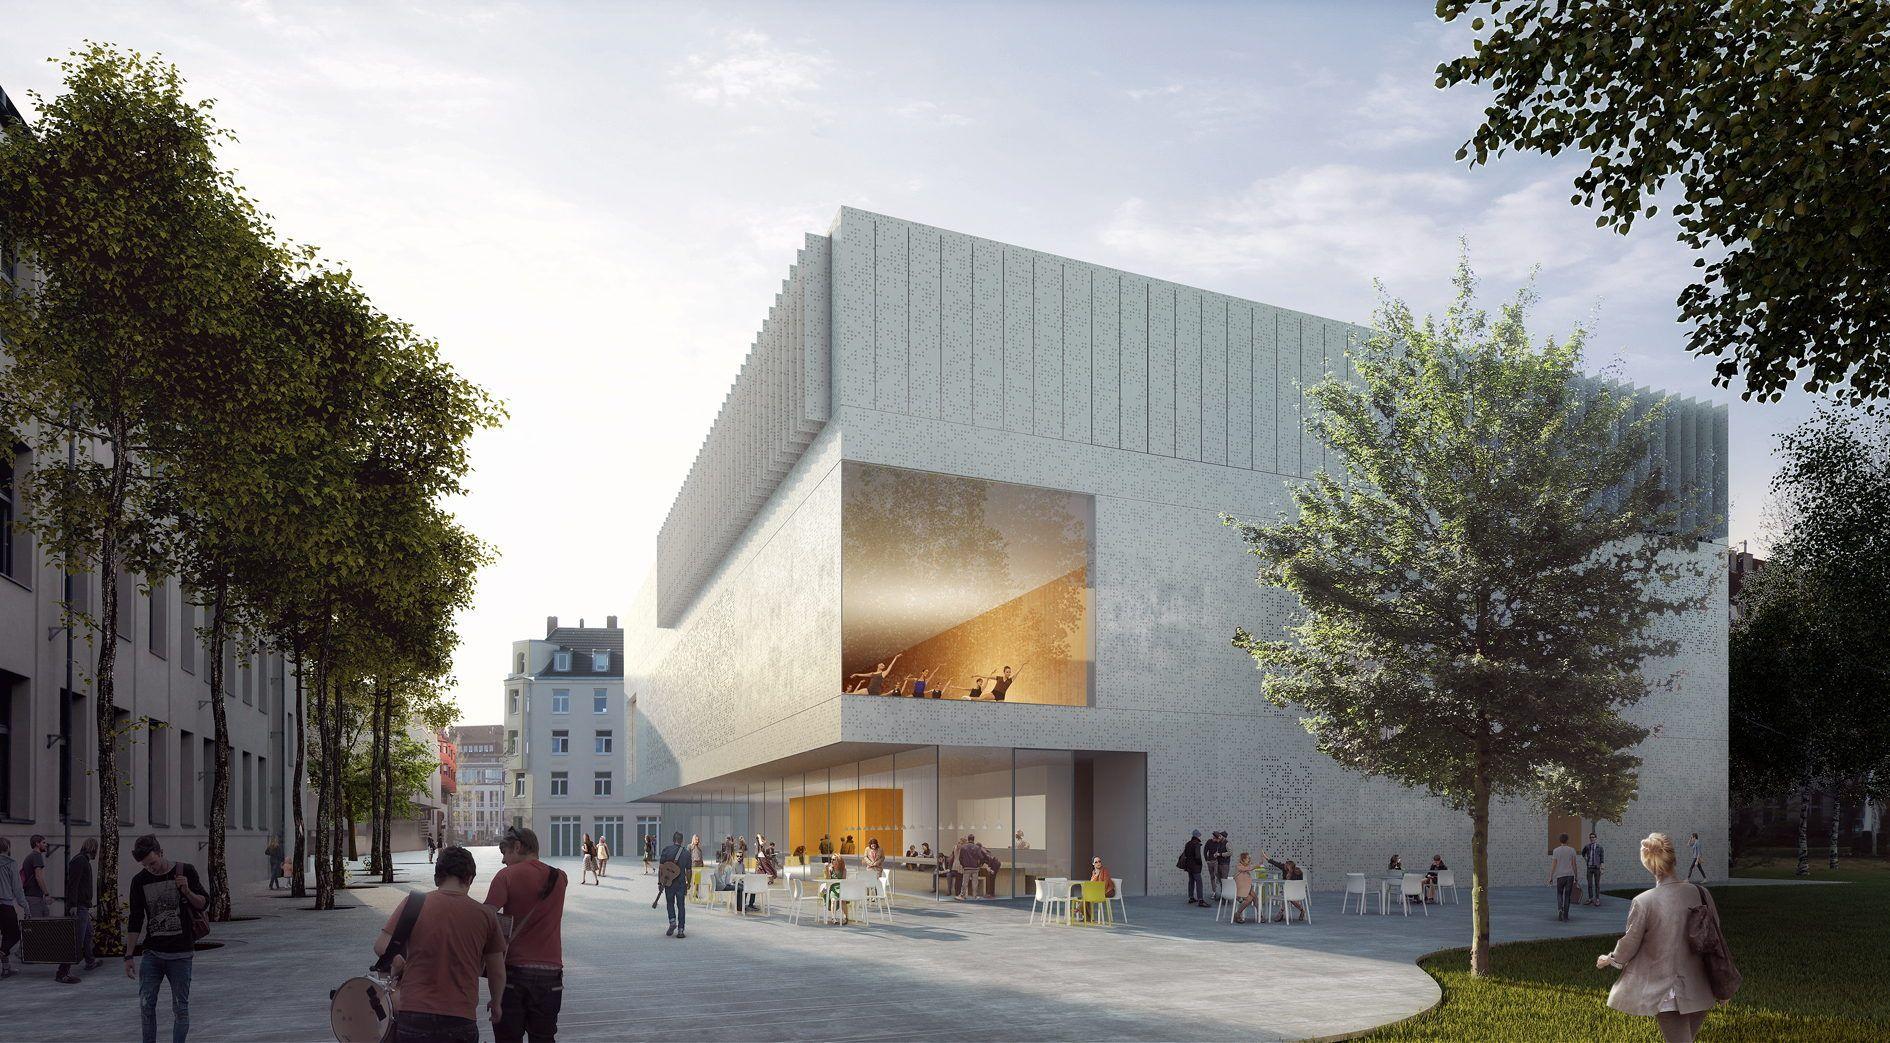 Architektur Köln erweiterung der musikhochschule hpp gewinnen wettbewerb in köln